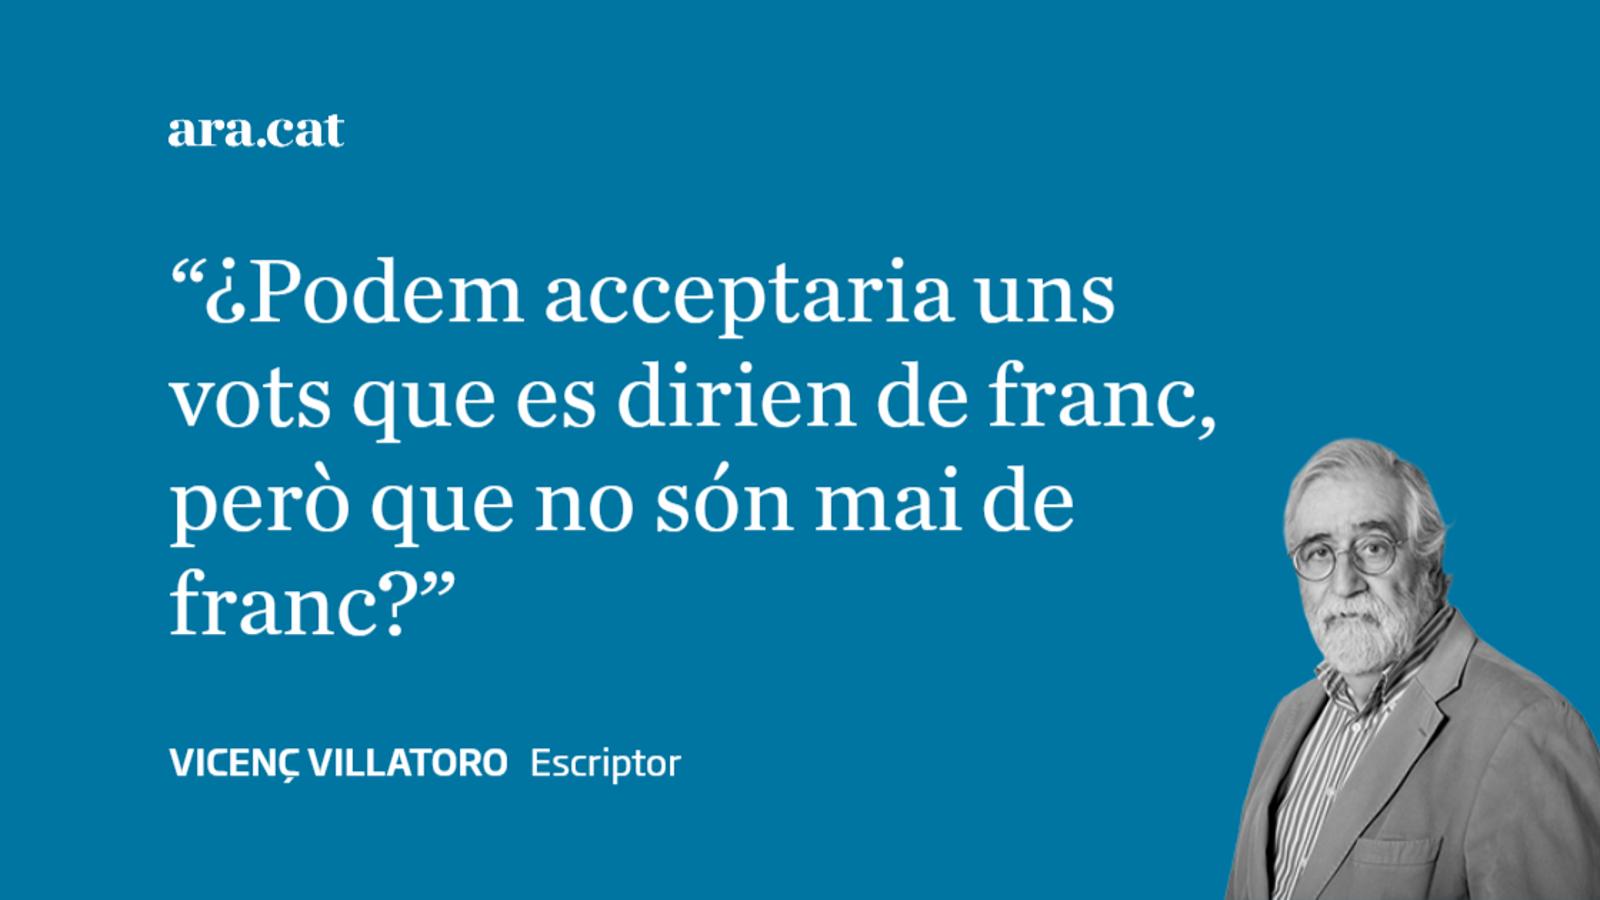 14/11: Constitucionalistes